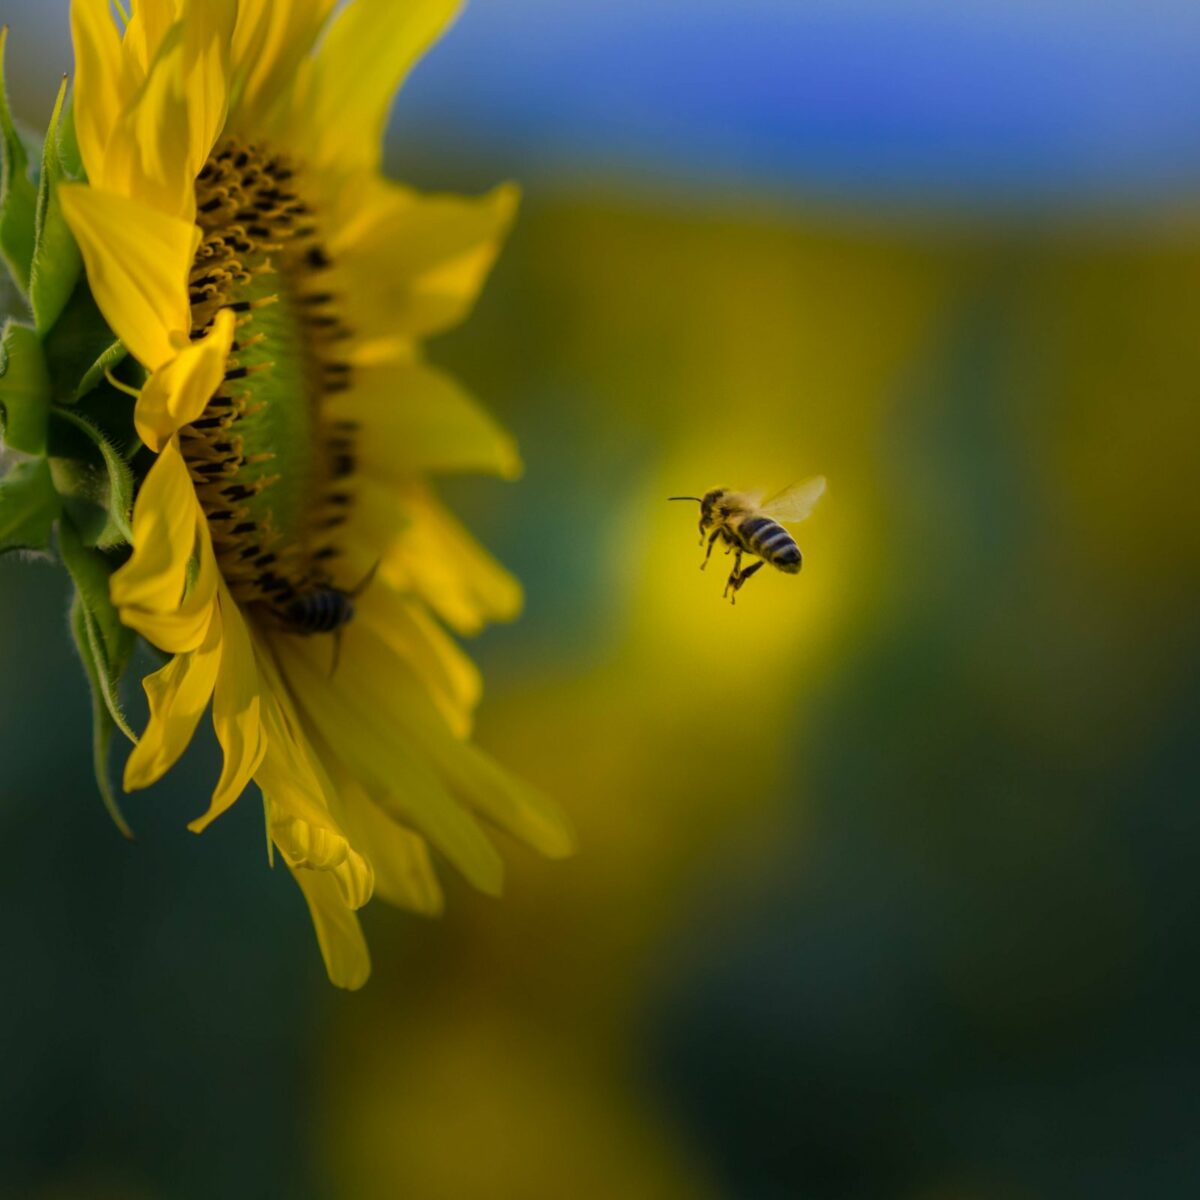 Eine Biene im Landeanflug.